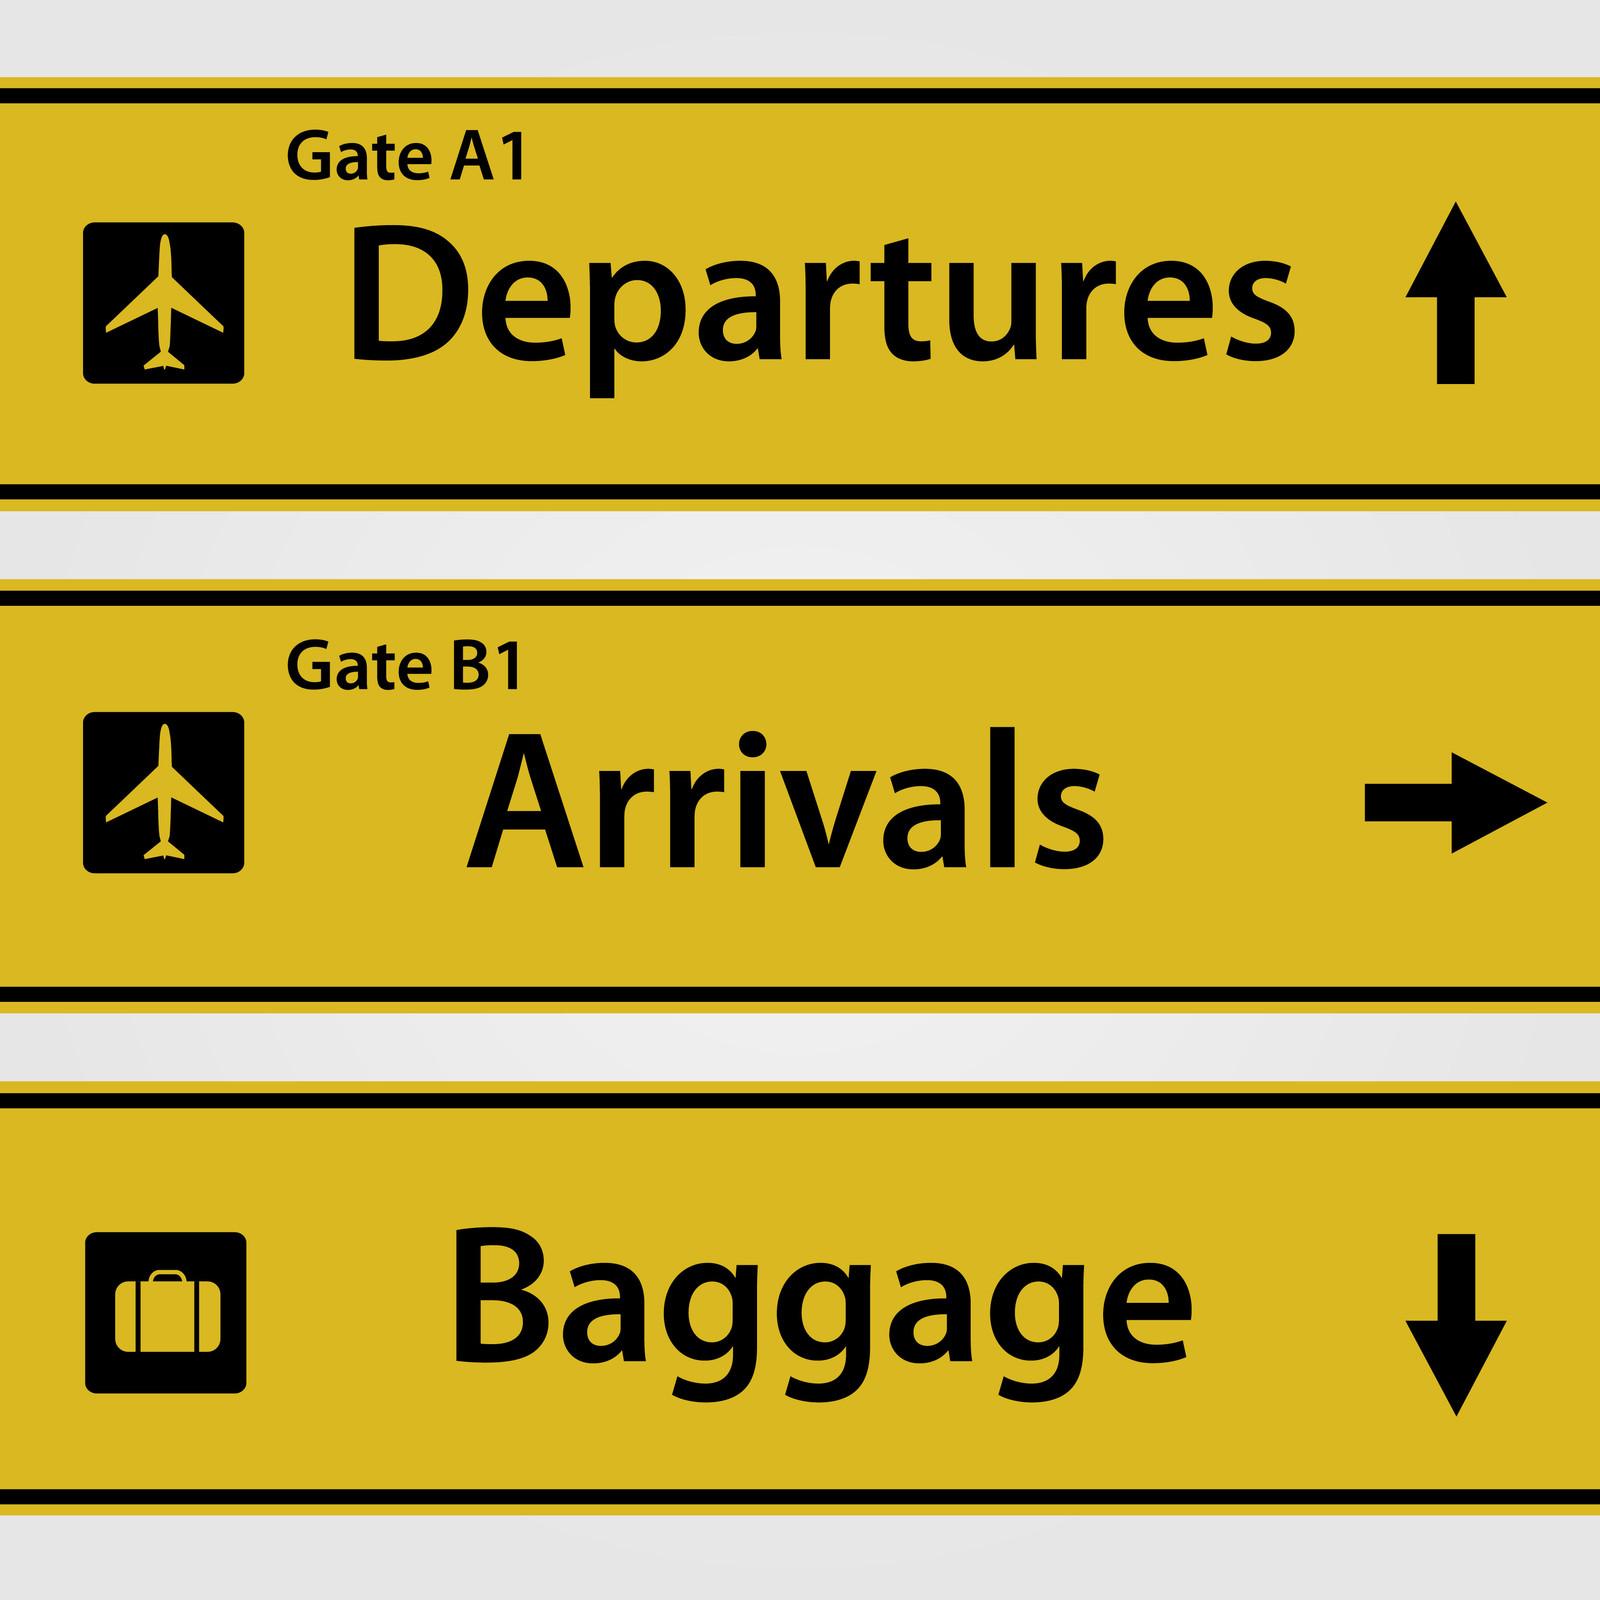 Departure Preparation Register Your Travel Plans